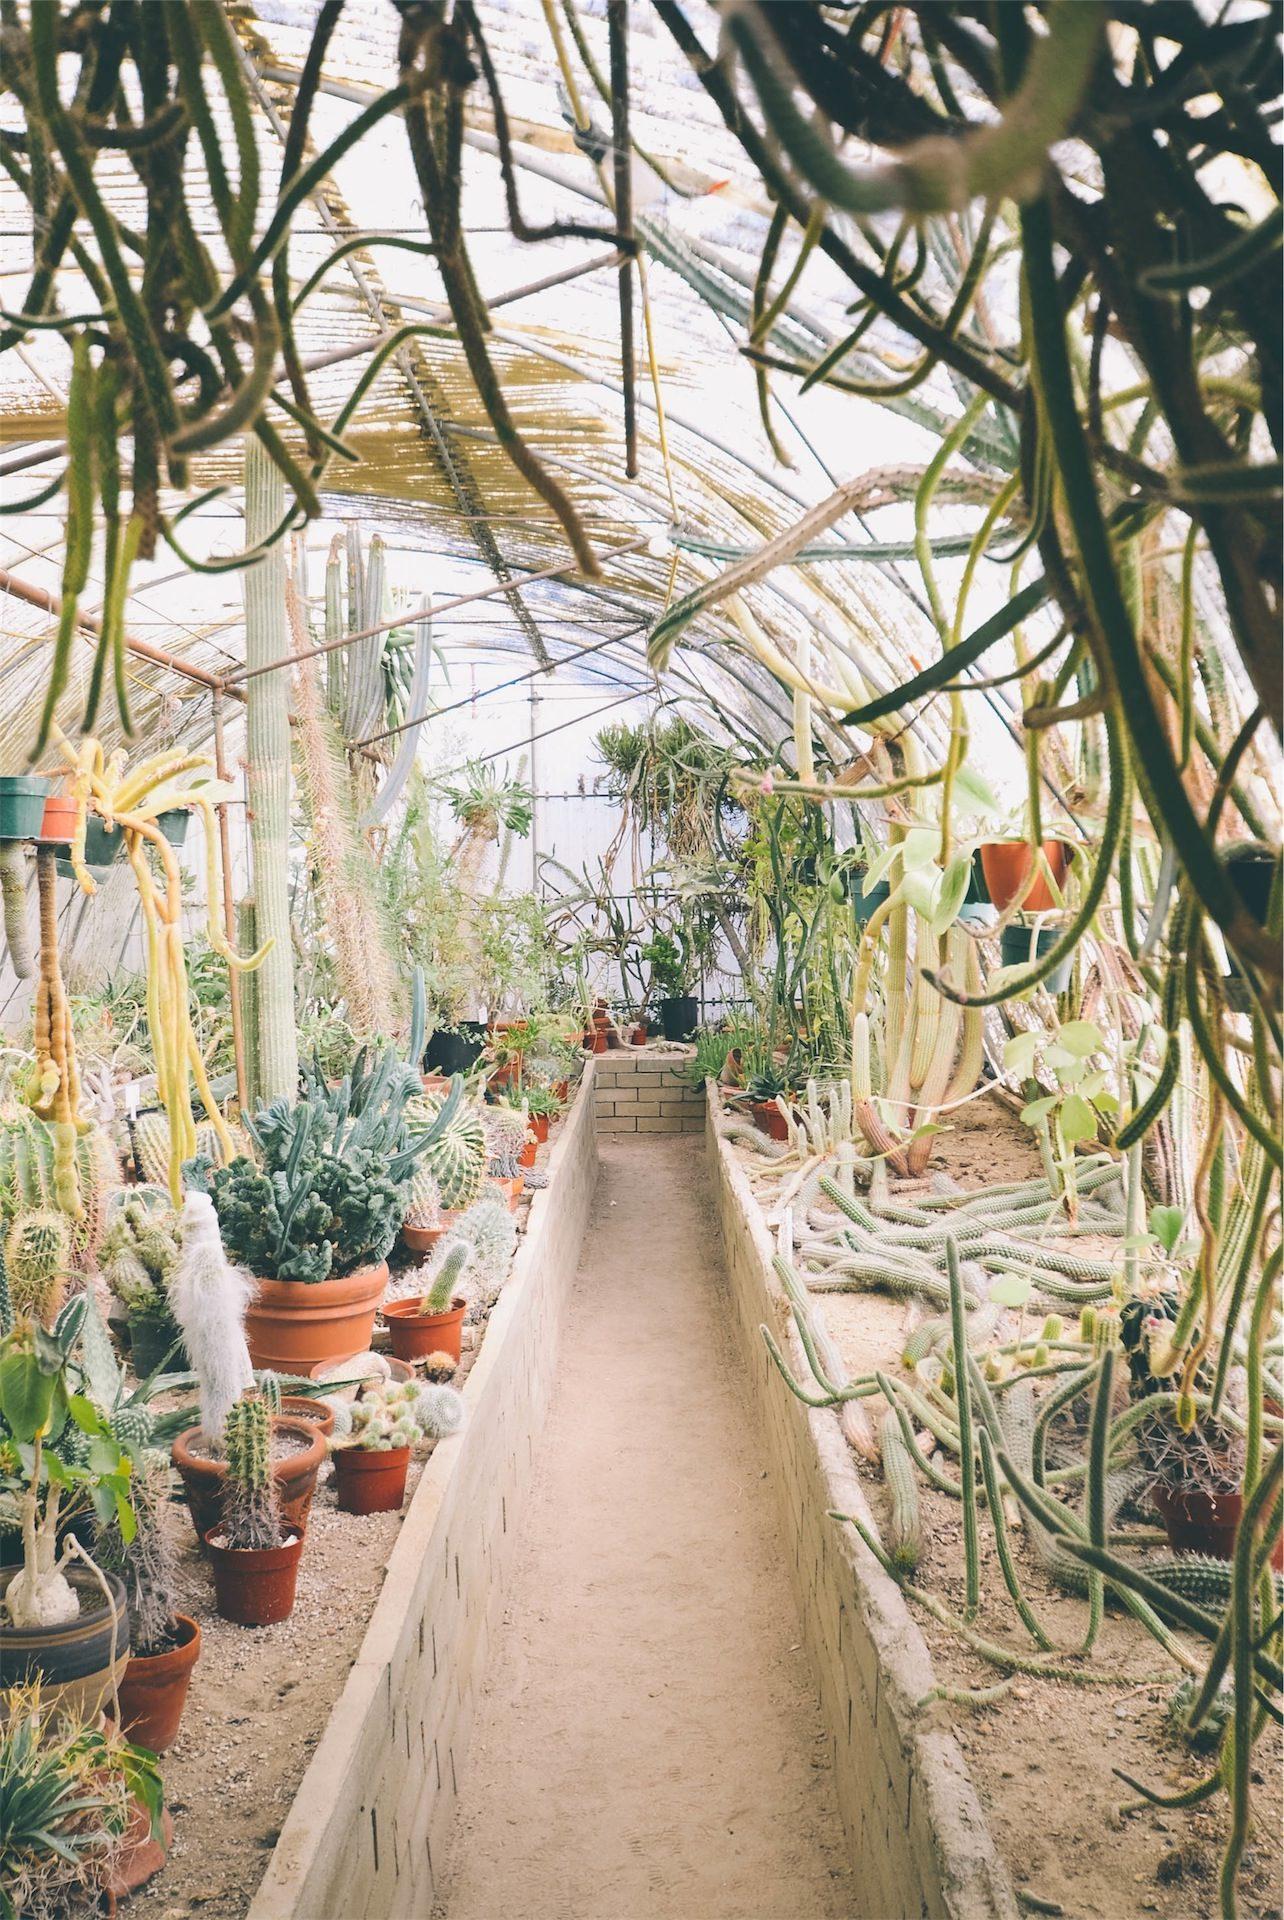 plantas, flores, com efeito de estufa, potenciômetros, cacto - Papéis de parede HD - Professor-falken.com